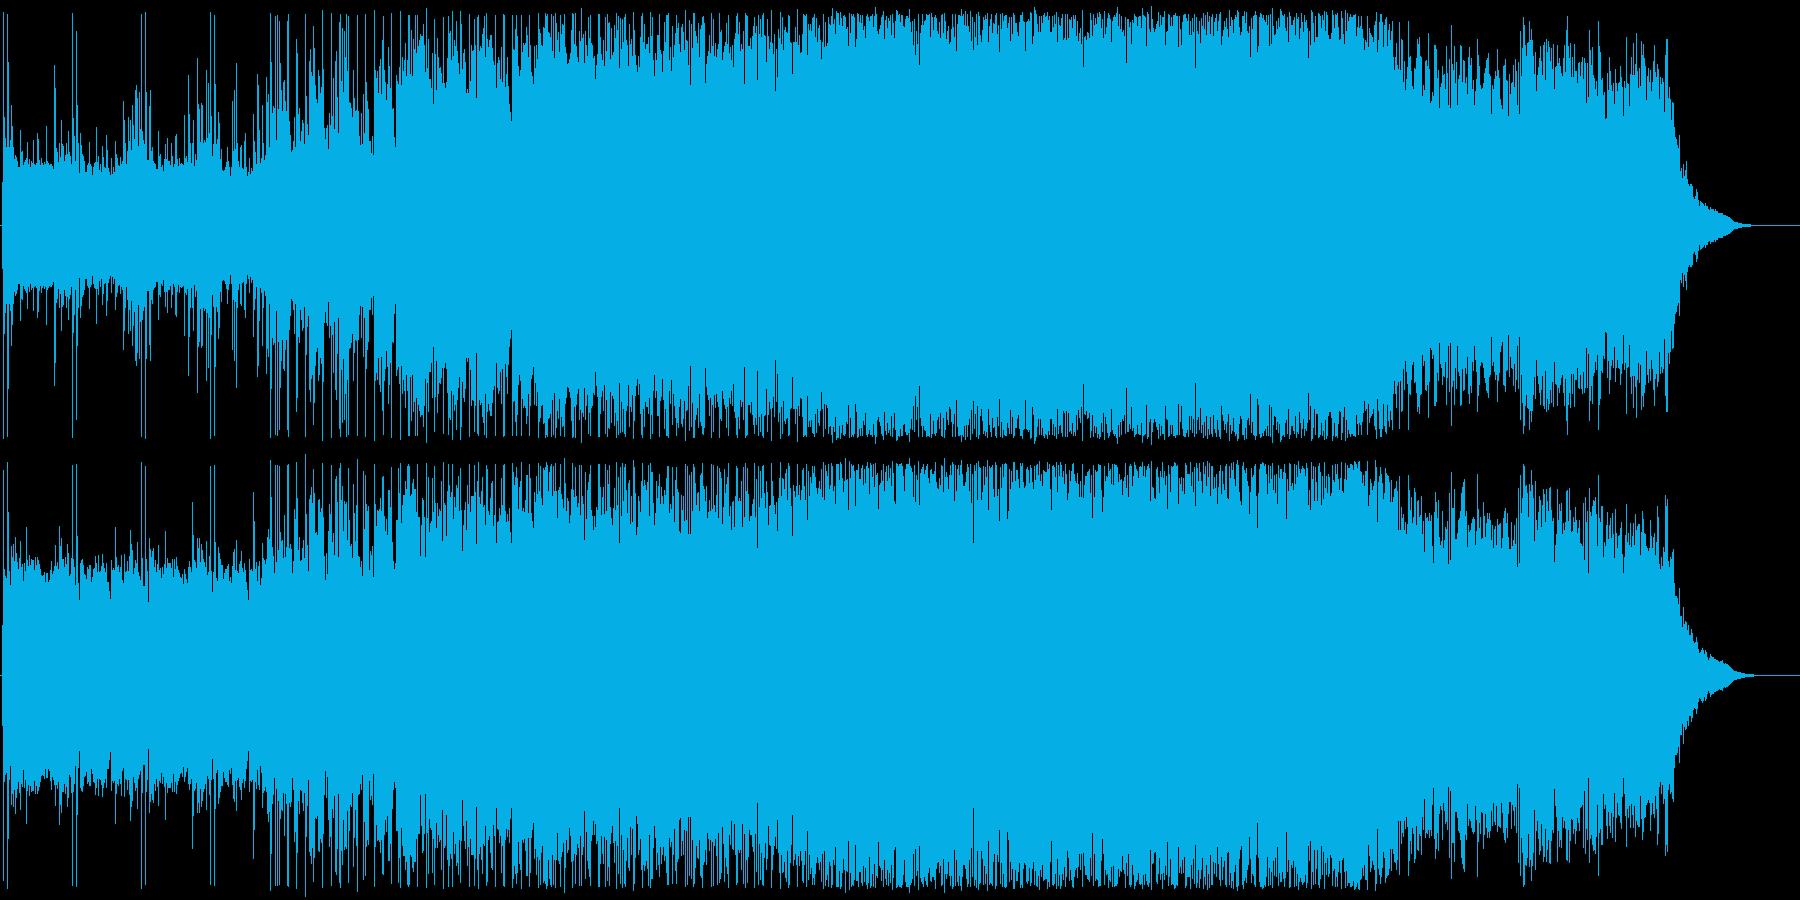 U2のようなギターロックの再生済みの波形